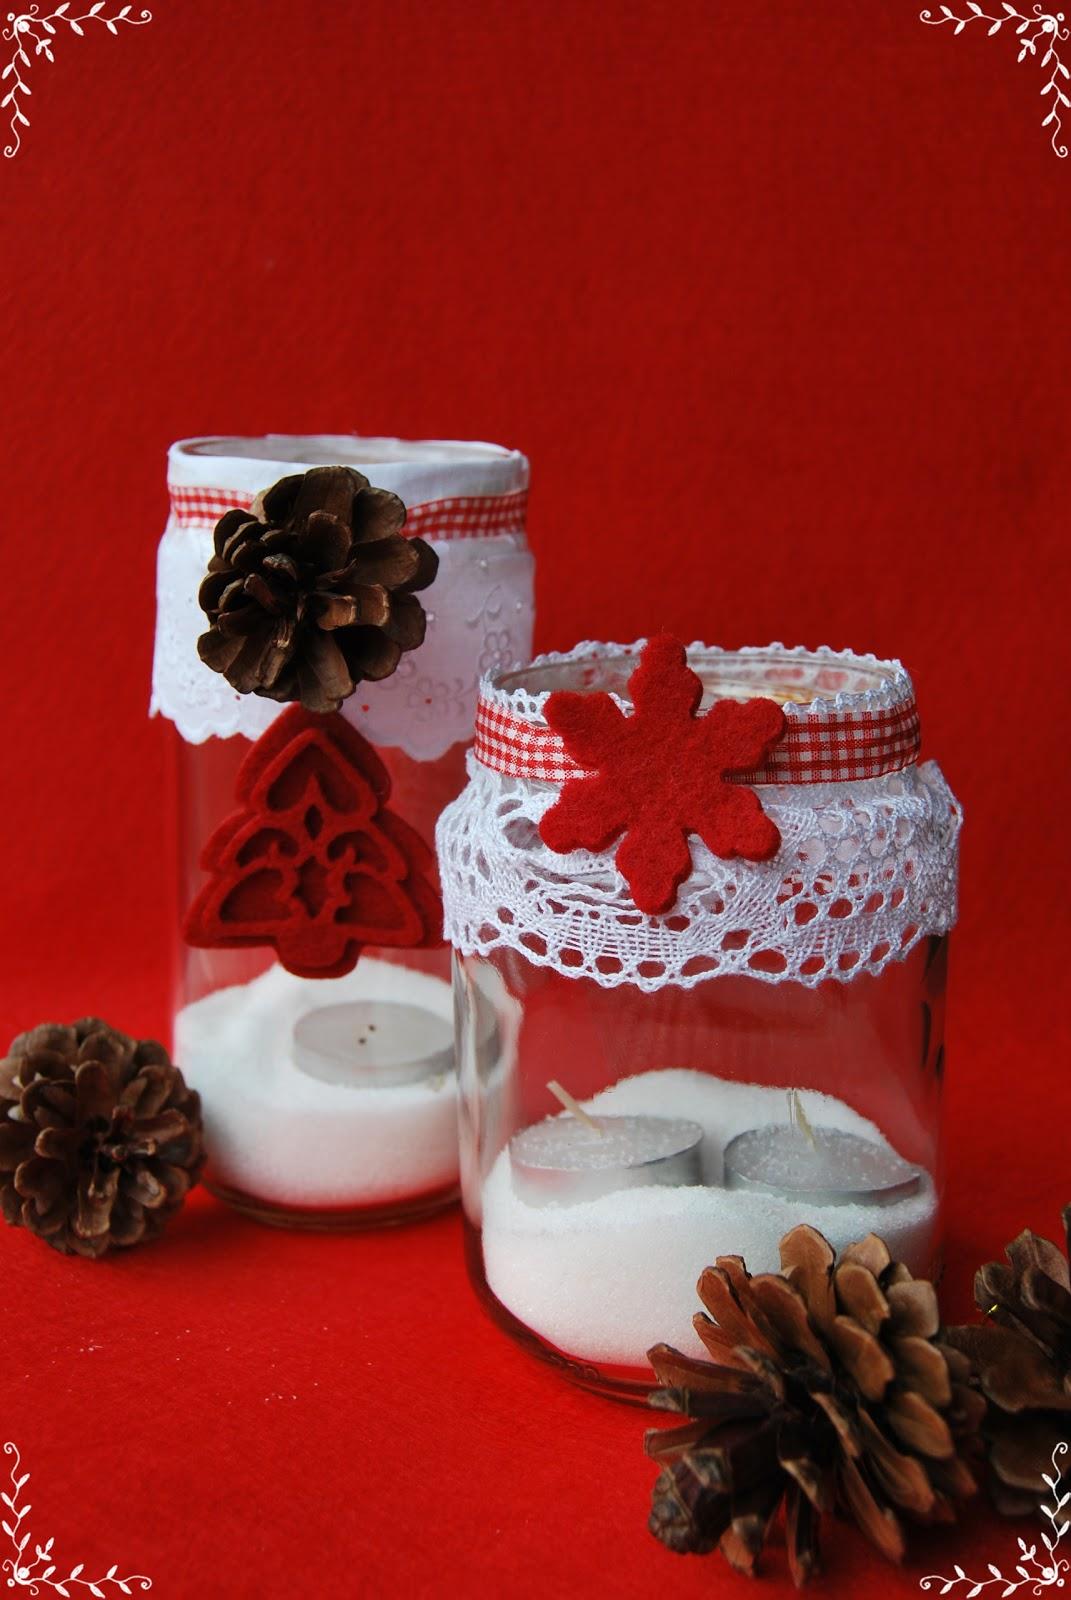 Viviendo en el desv n adornos de navidad - Adornos de navidad con pinas ...